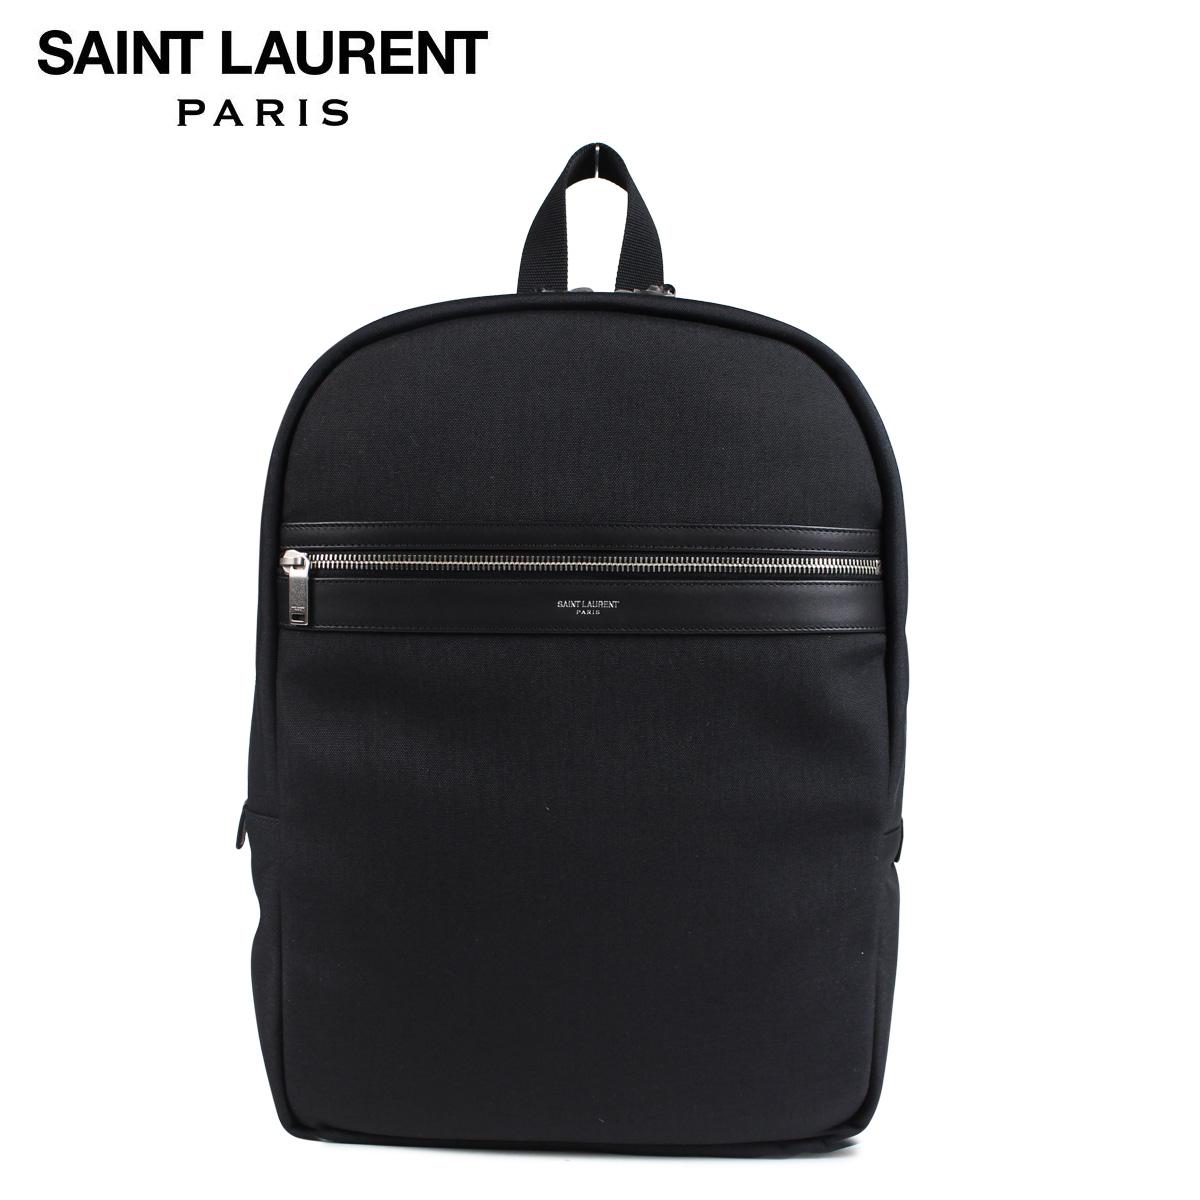 SAINT LAURENT PARIS サンローラン パリ バッグ メンズ レディース バックパック リュック CITY BACKPACK ブラック 533232 GIV3F